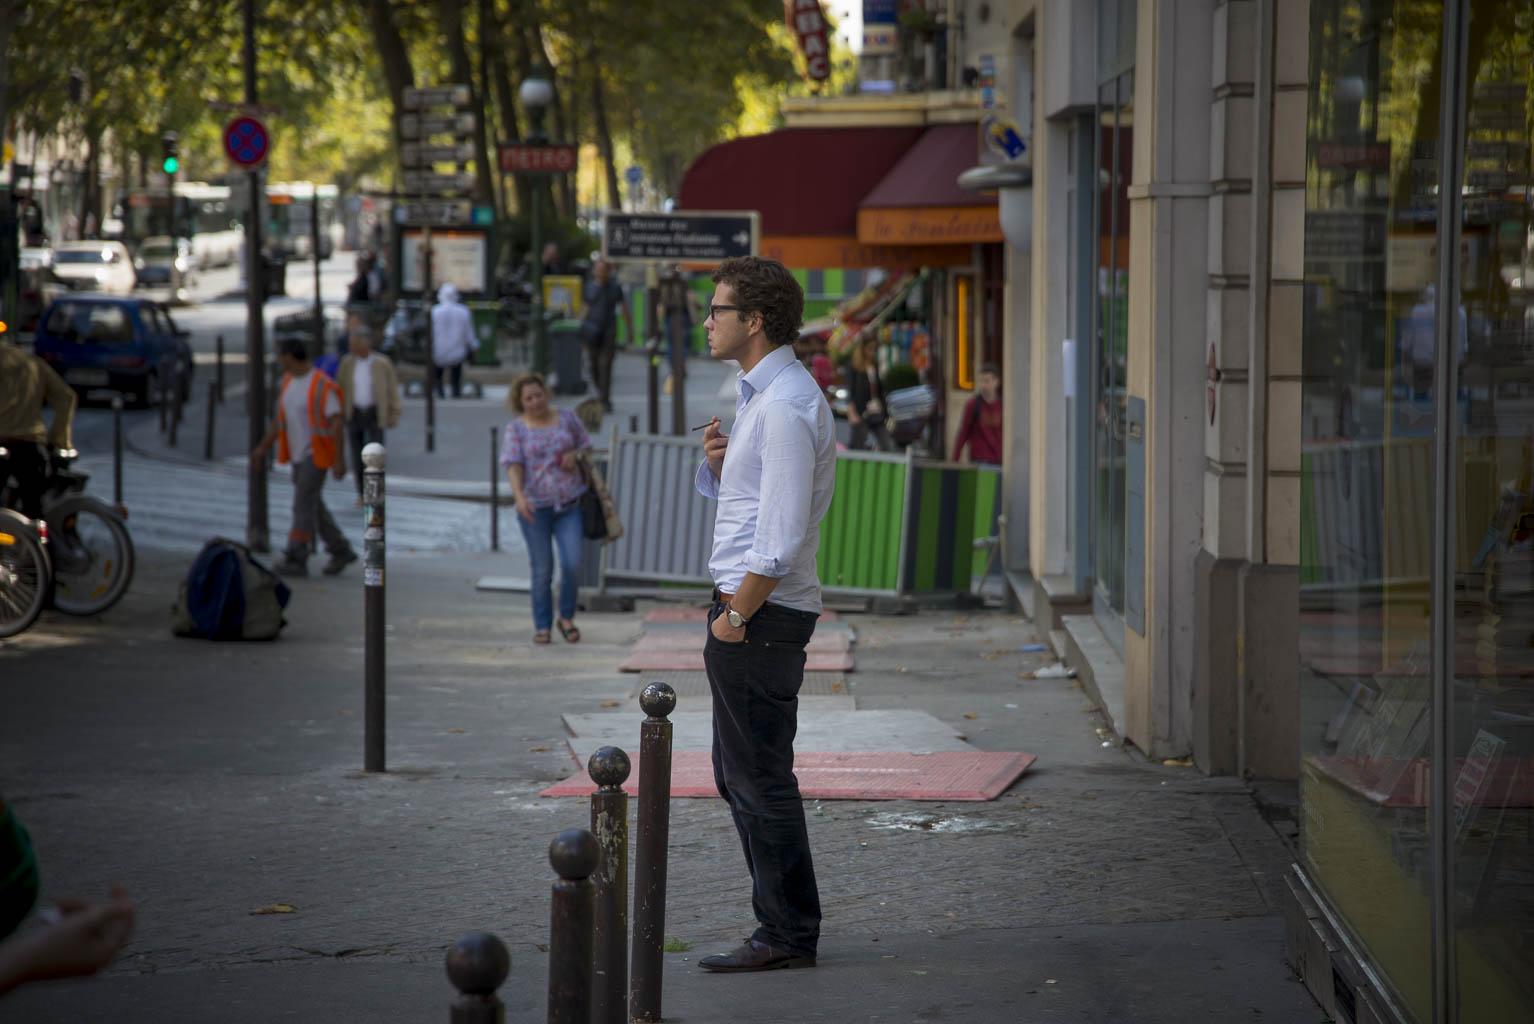 Straat Parijs-1326